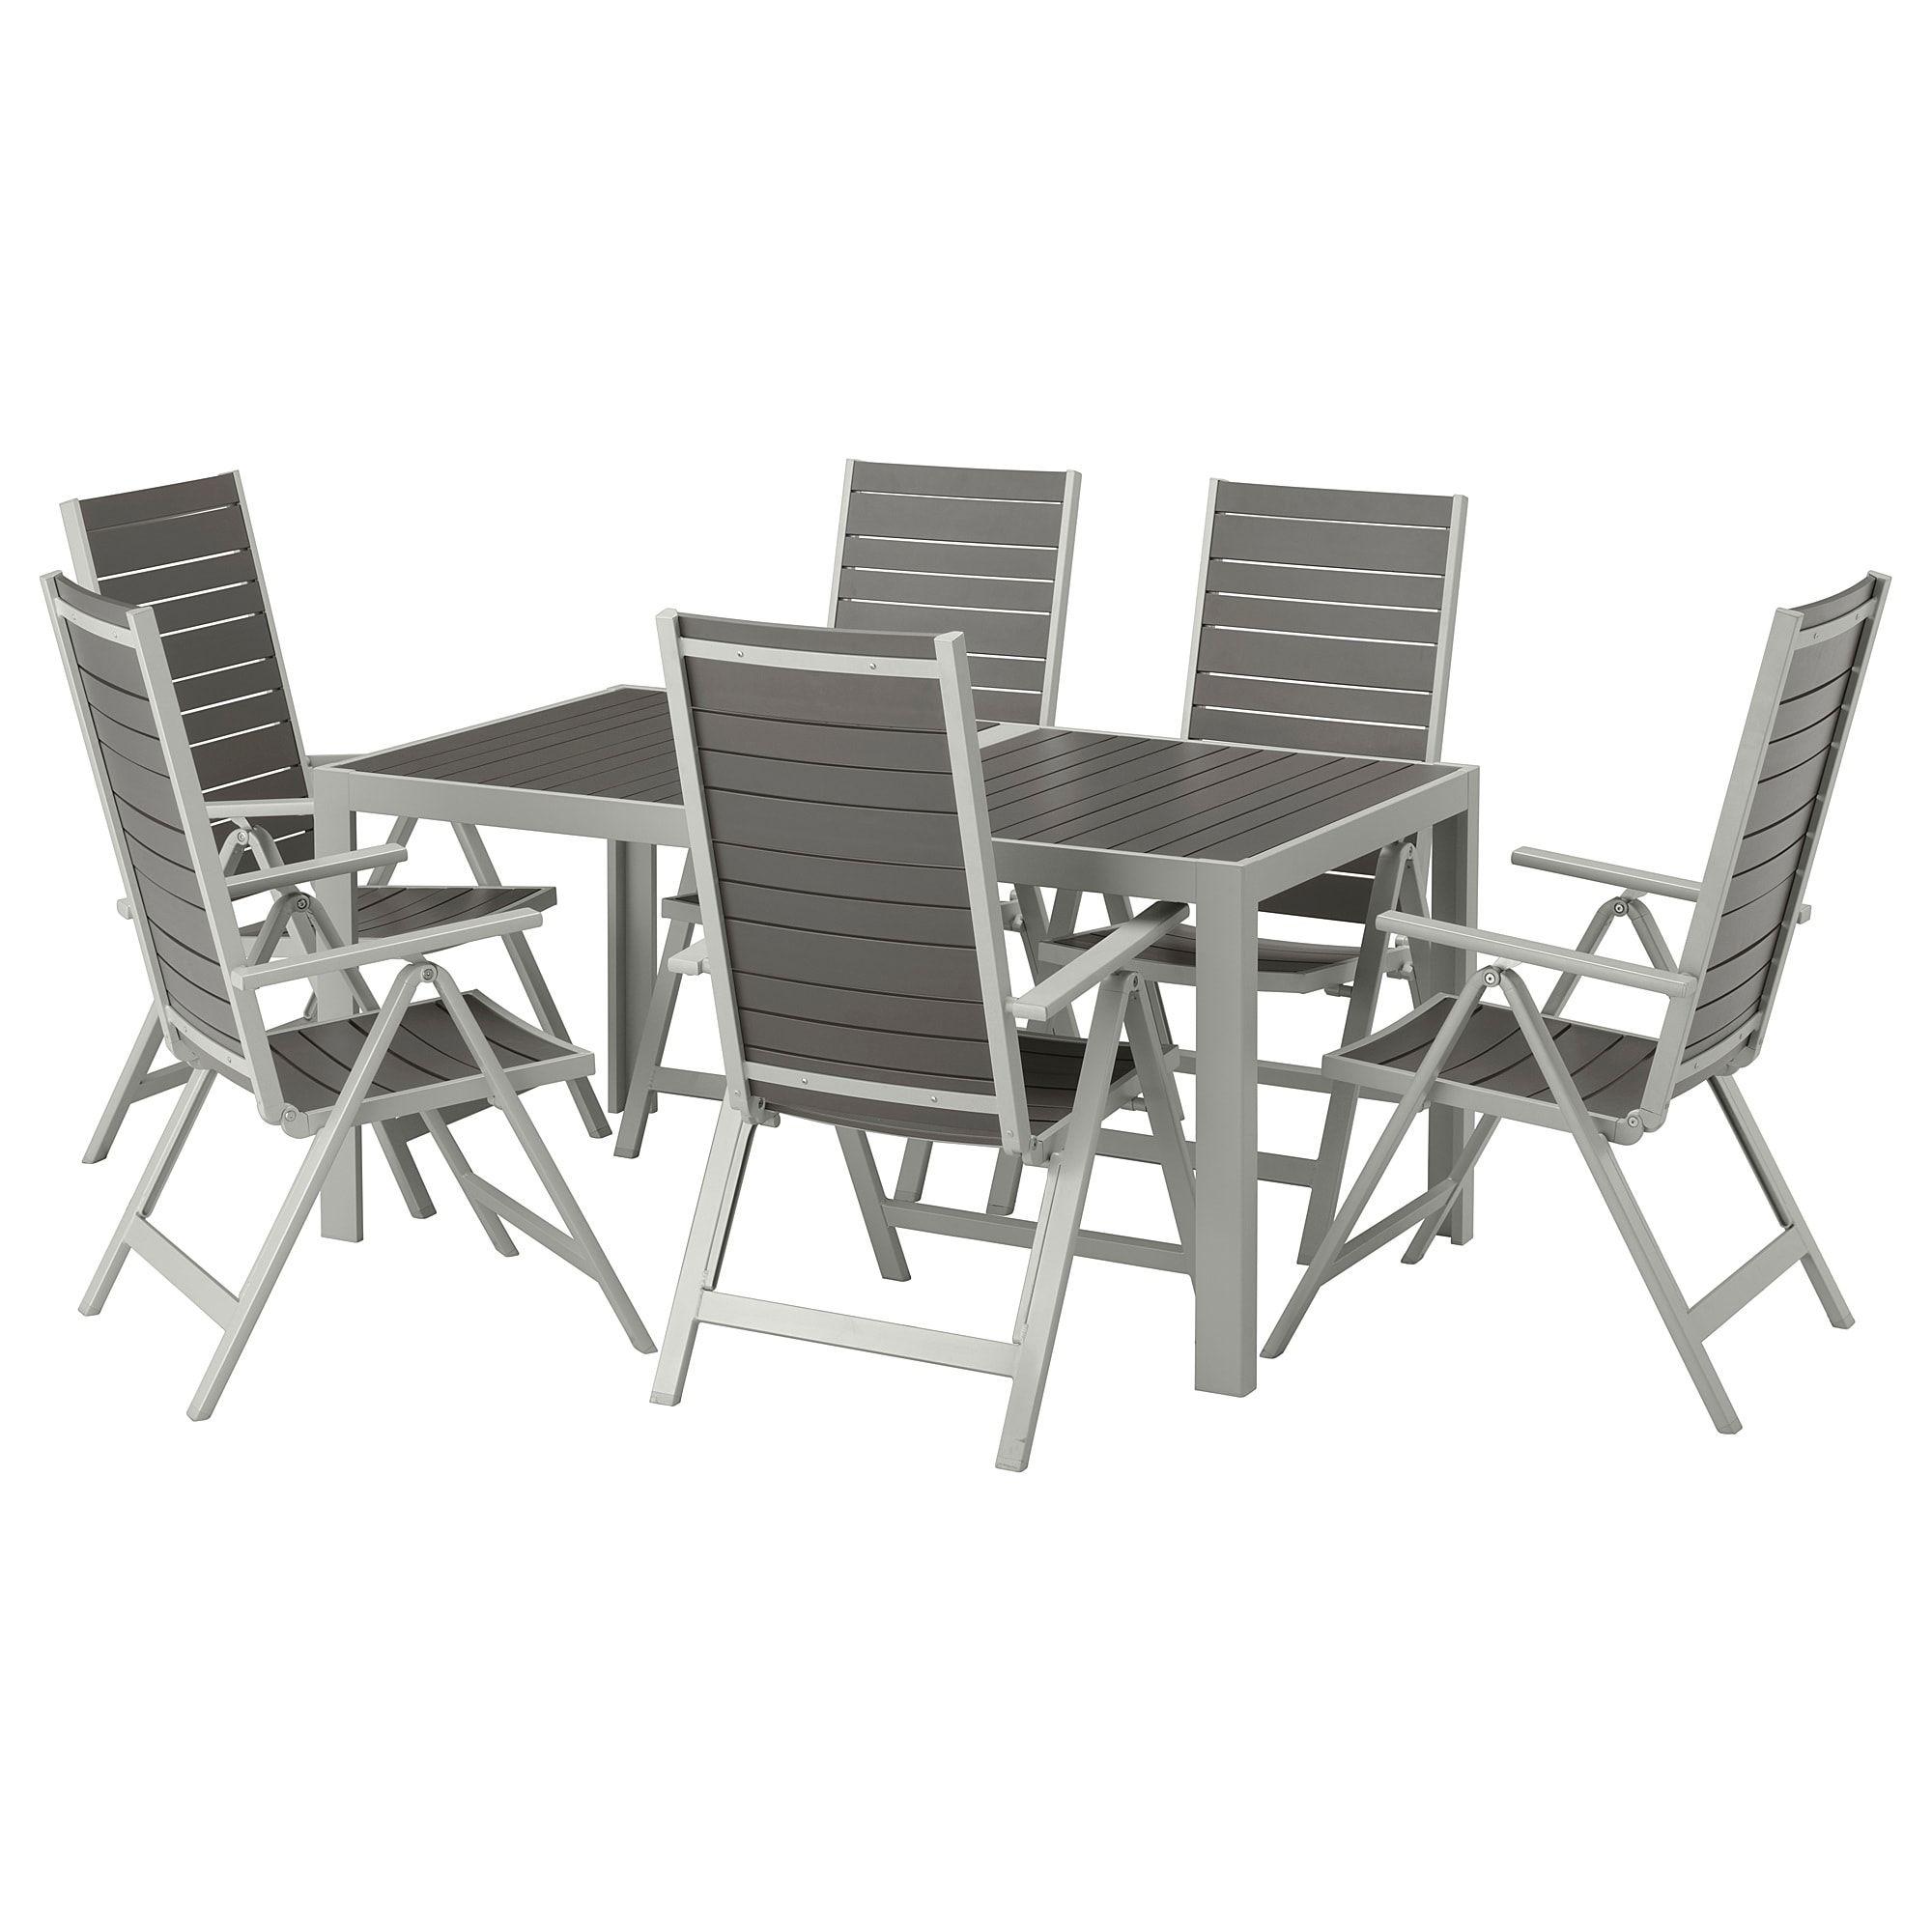 Sjalland Tisch 6 Hochlehner Aussen Dunkelgrau Hellgrau Ikea